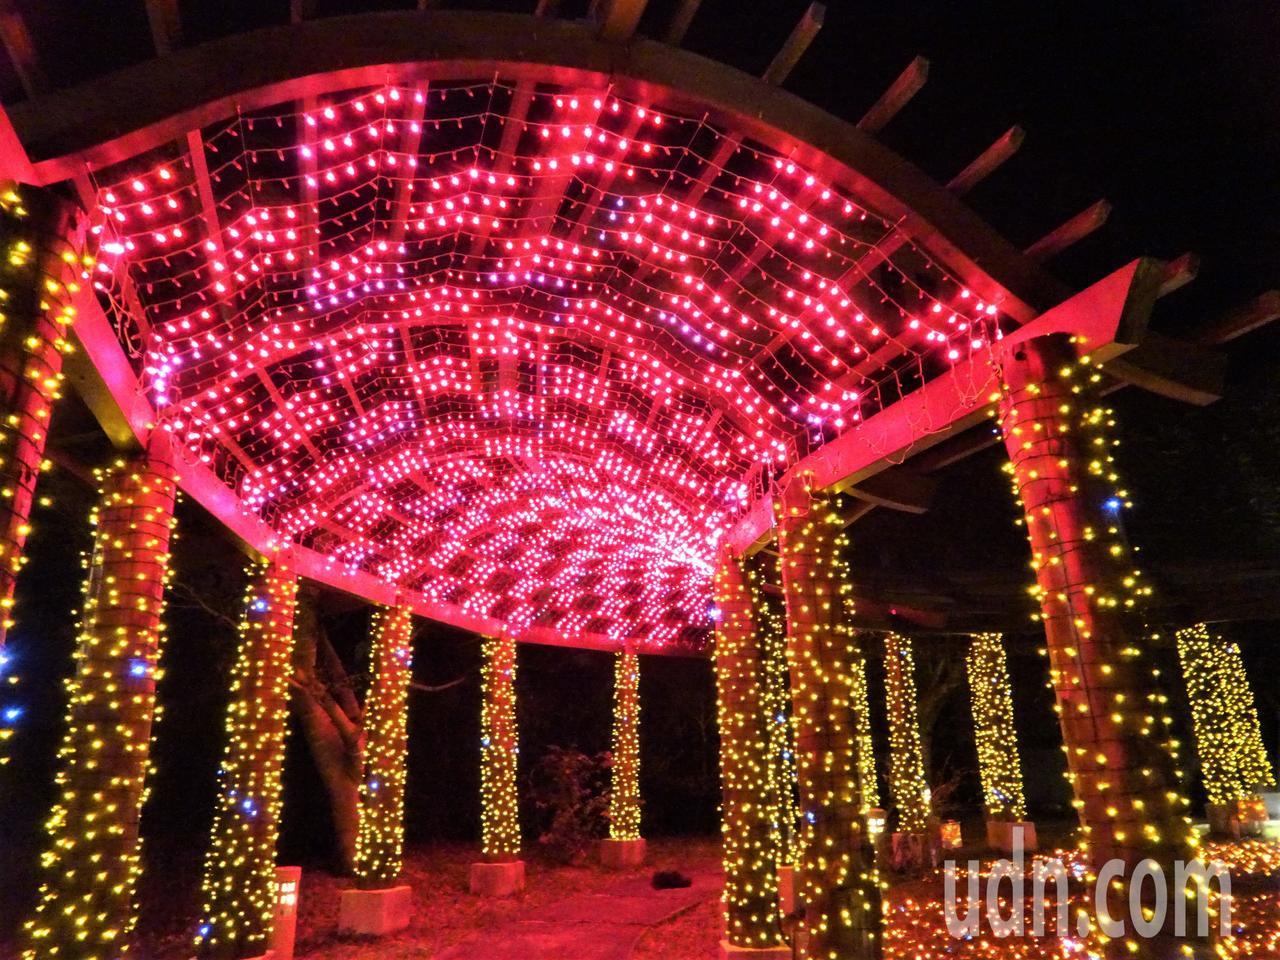 屏東縣政府今年將車城四重溪溫公園打造暖紅和楓葉為元素的燈海區,營造溫暖浪漫的「夜...